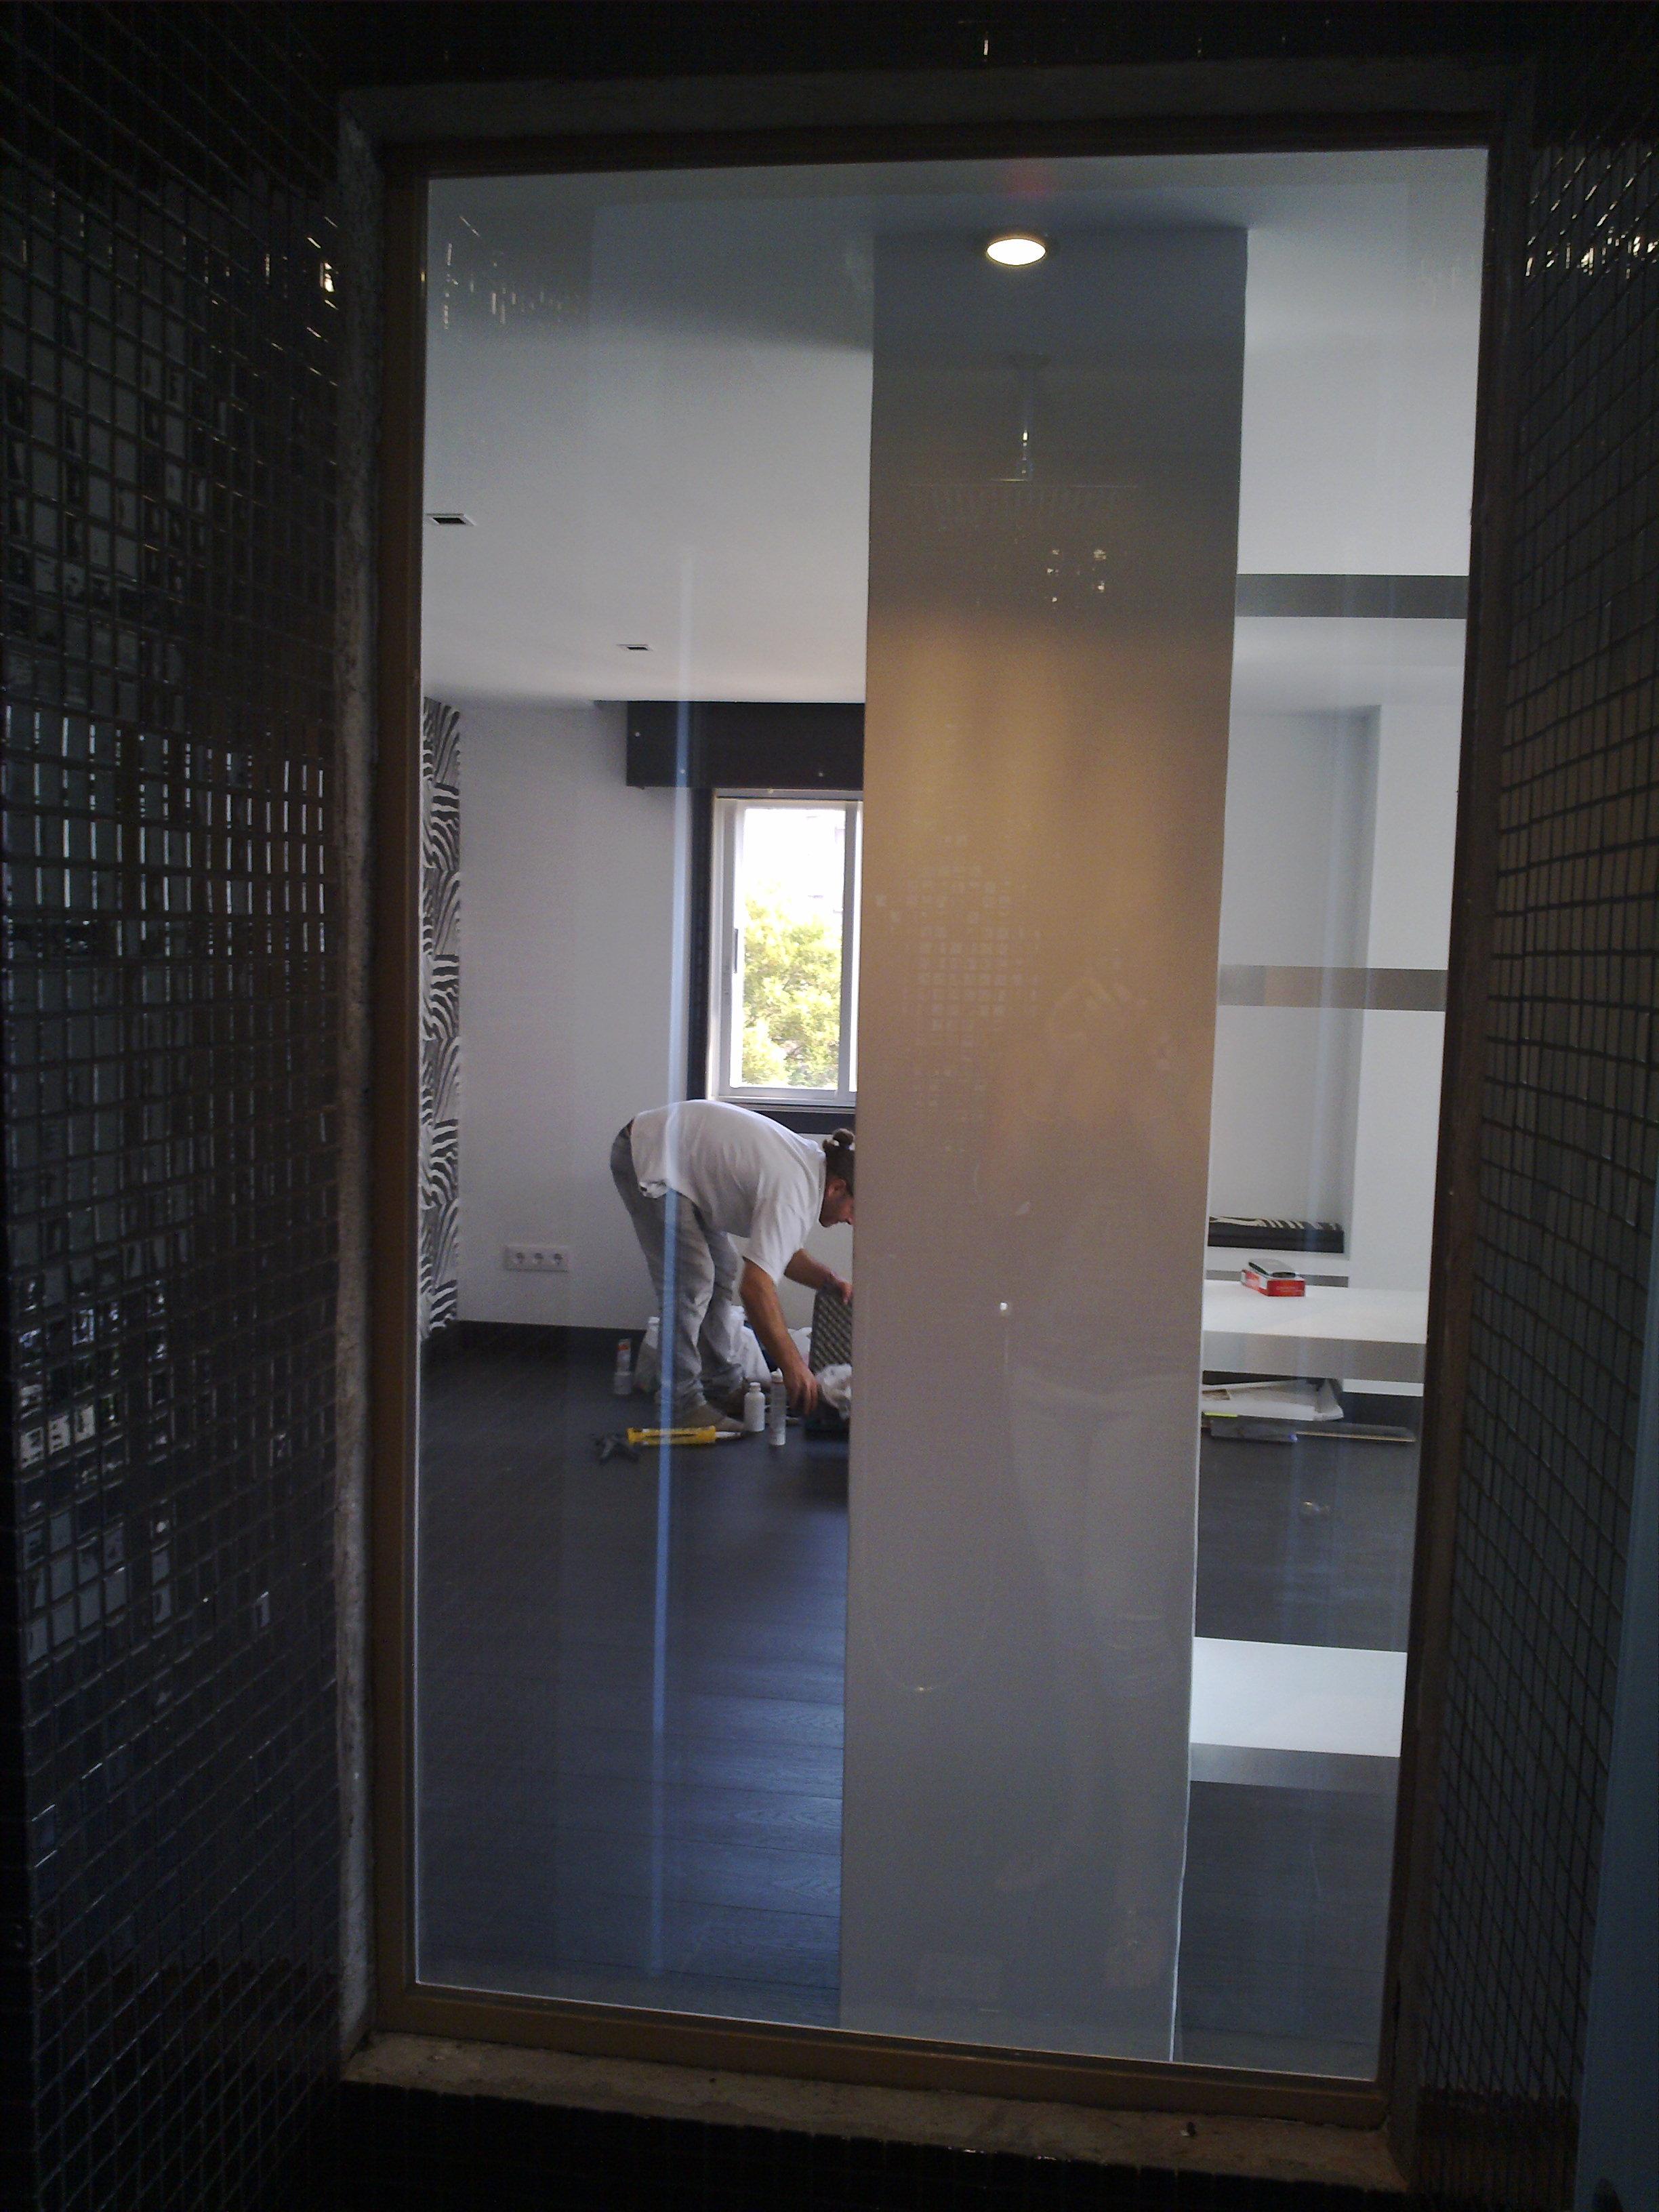 Imagen del interior de una ducha con un espejo espía